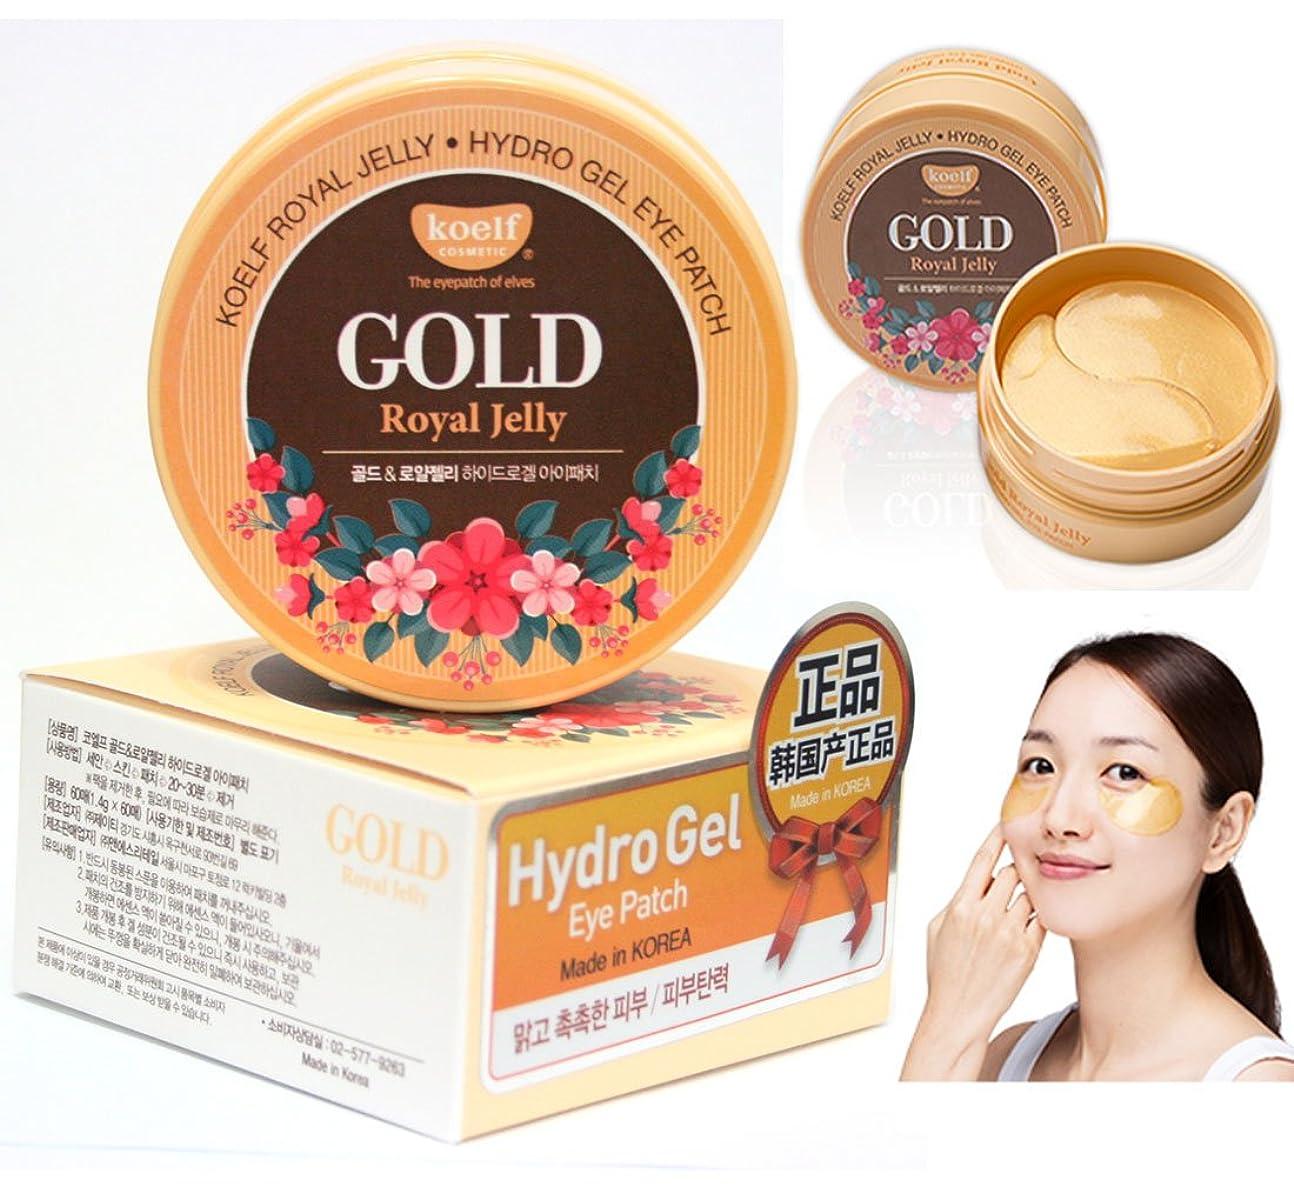 化粧宴会振りかける【Koelf]ゴールドローヤルゼリーハイドロゲルアイパッチ60個(30組) / Gold Royal Jelly Hydro Gel Eye Patch 60pcs(30pairs) / 韓国化粧品 / Korean Cosmetics [並行輸入品]